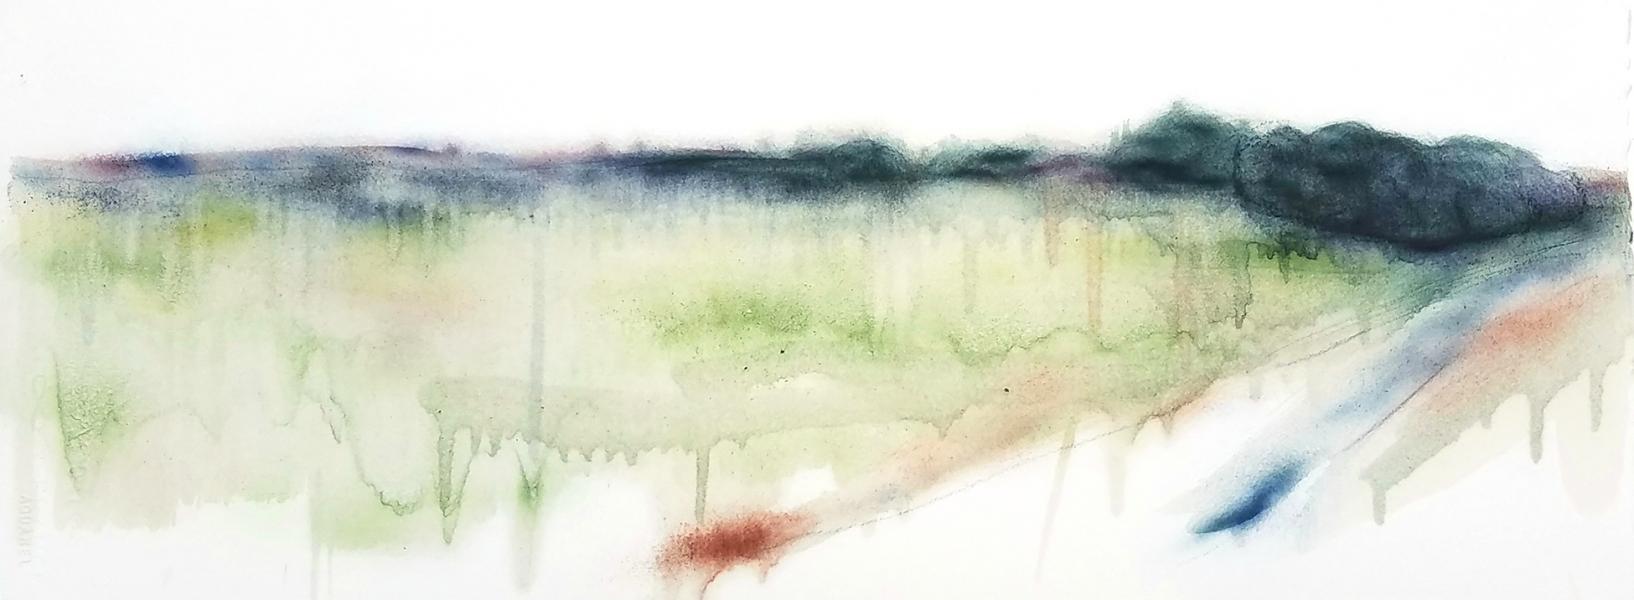 PA Landscape 5